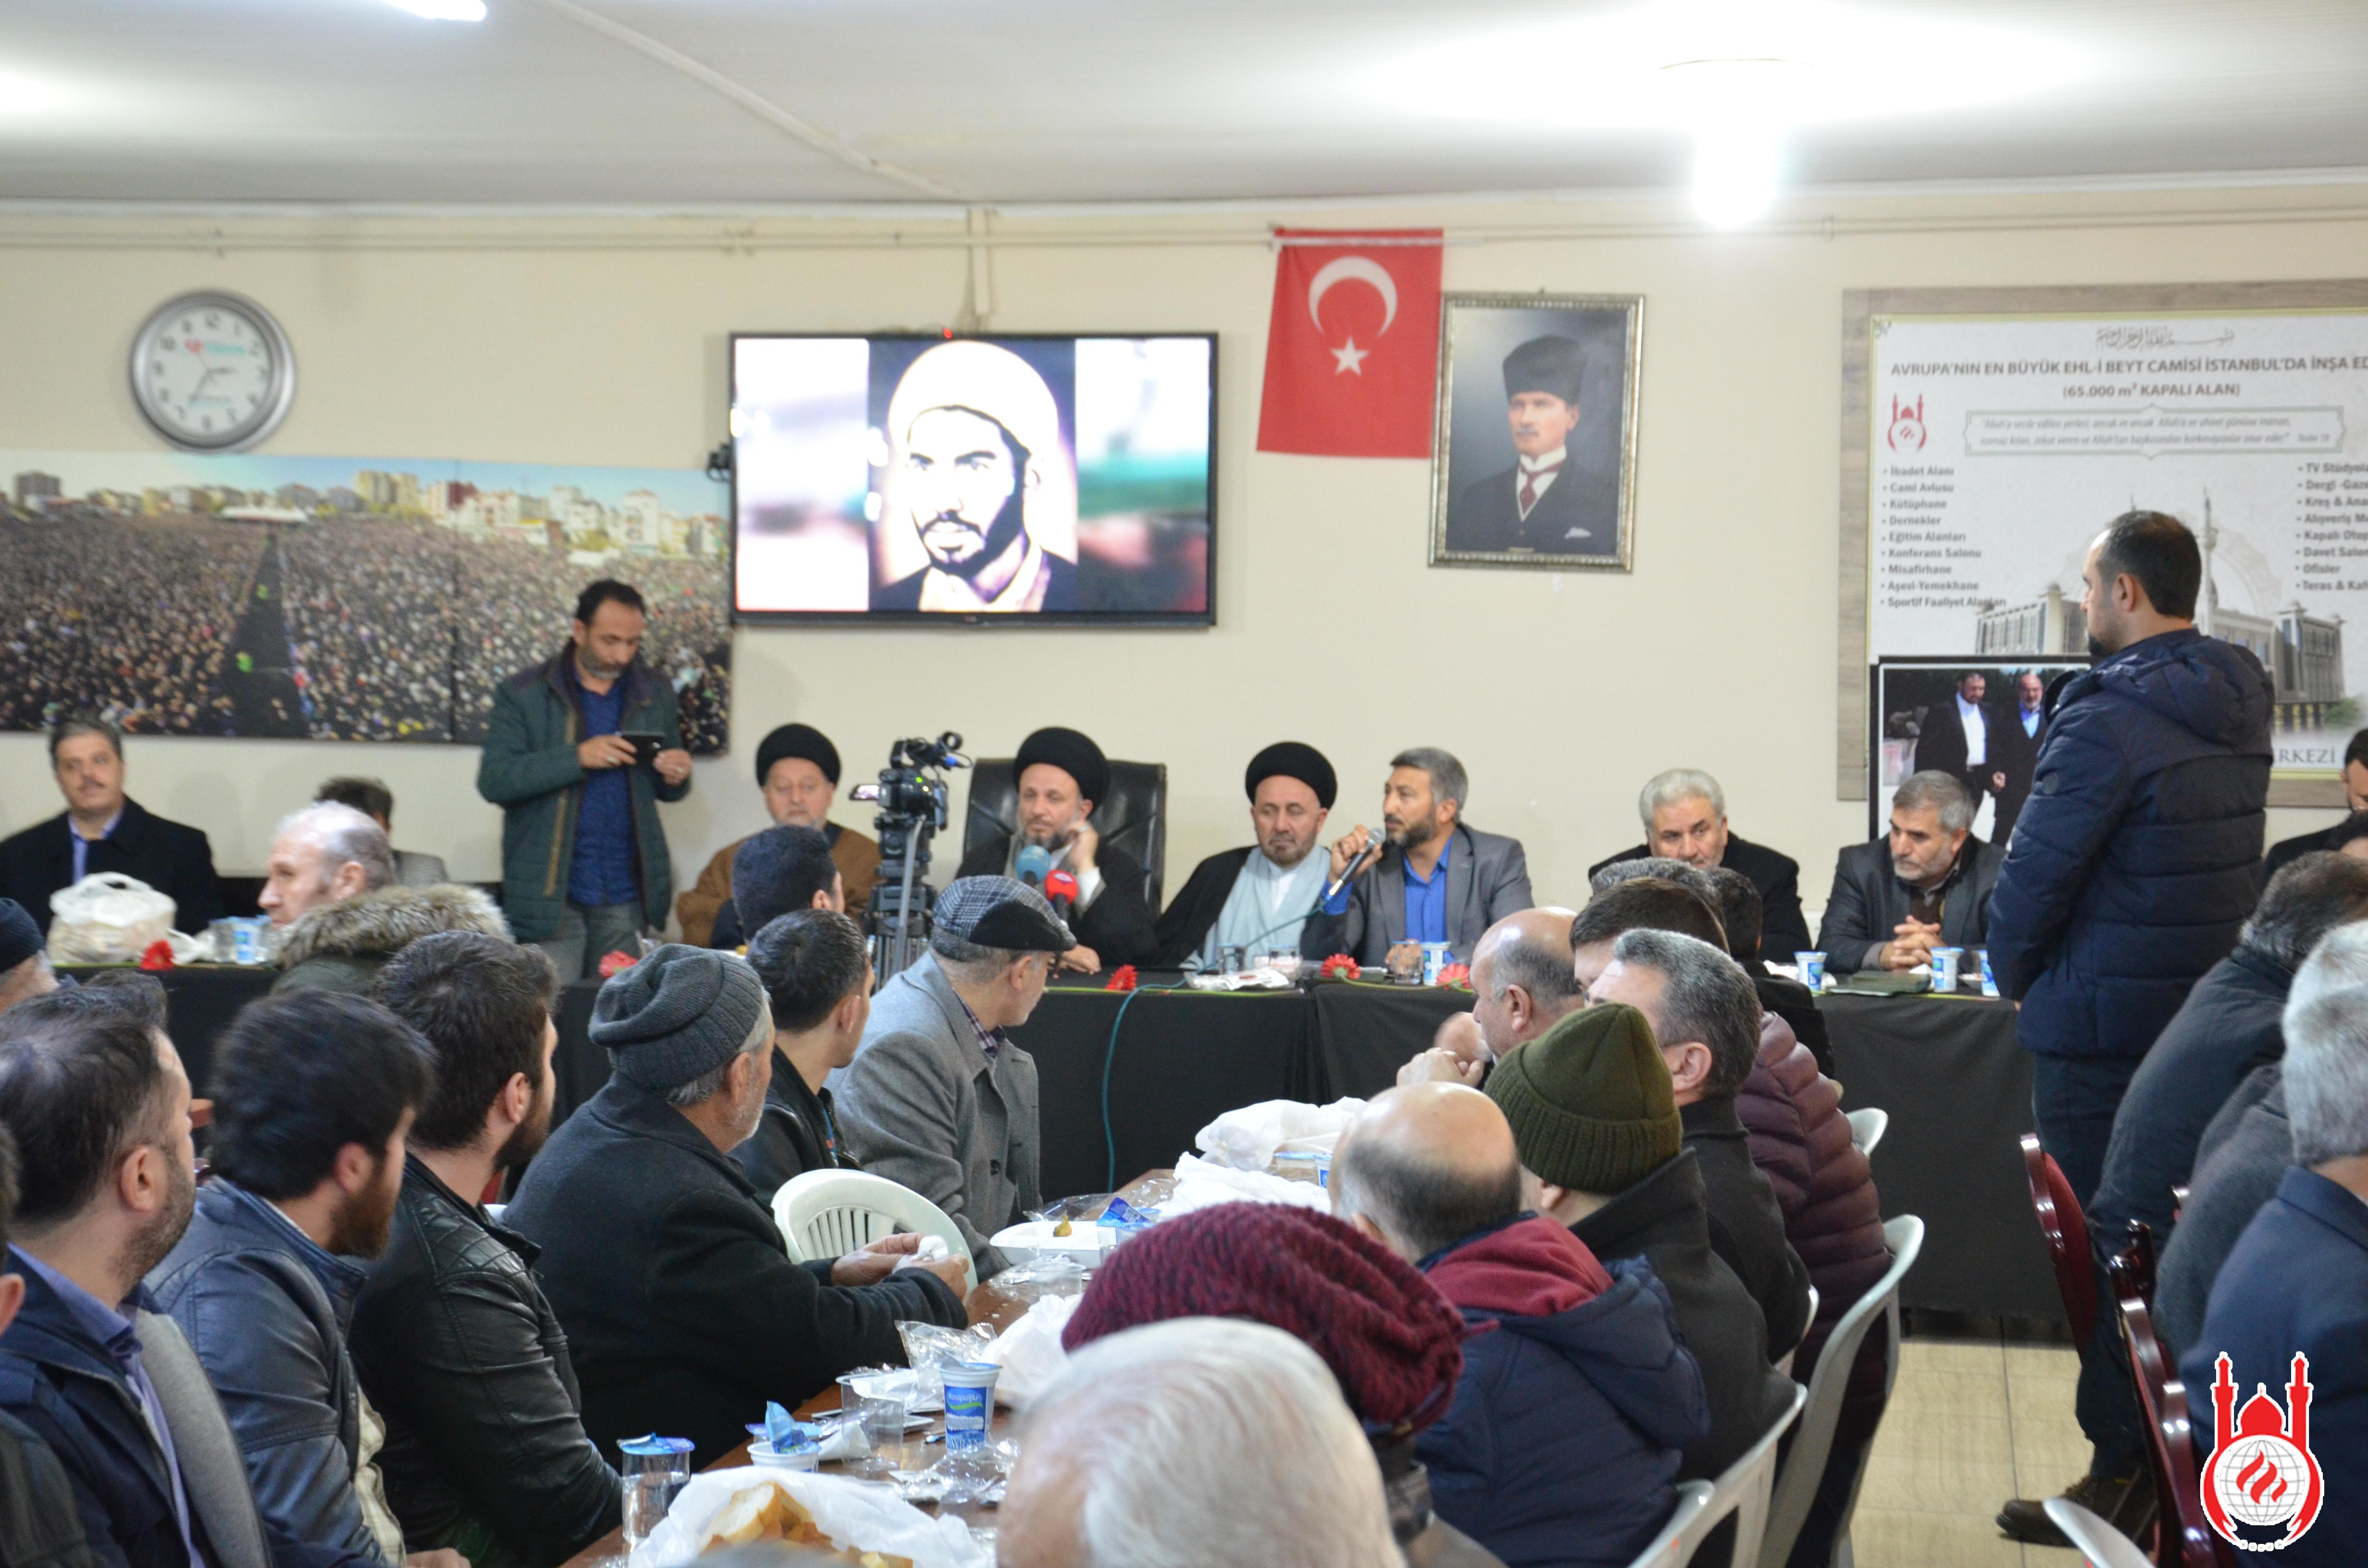 Şeyh Hamit TURAN'ın Vefatının 1. Yılı Münasebetiyle Taziye Meclisi (FOTO)